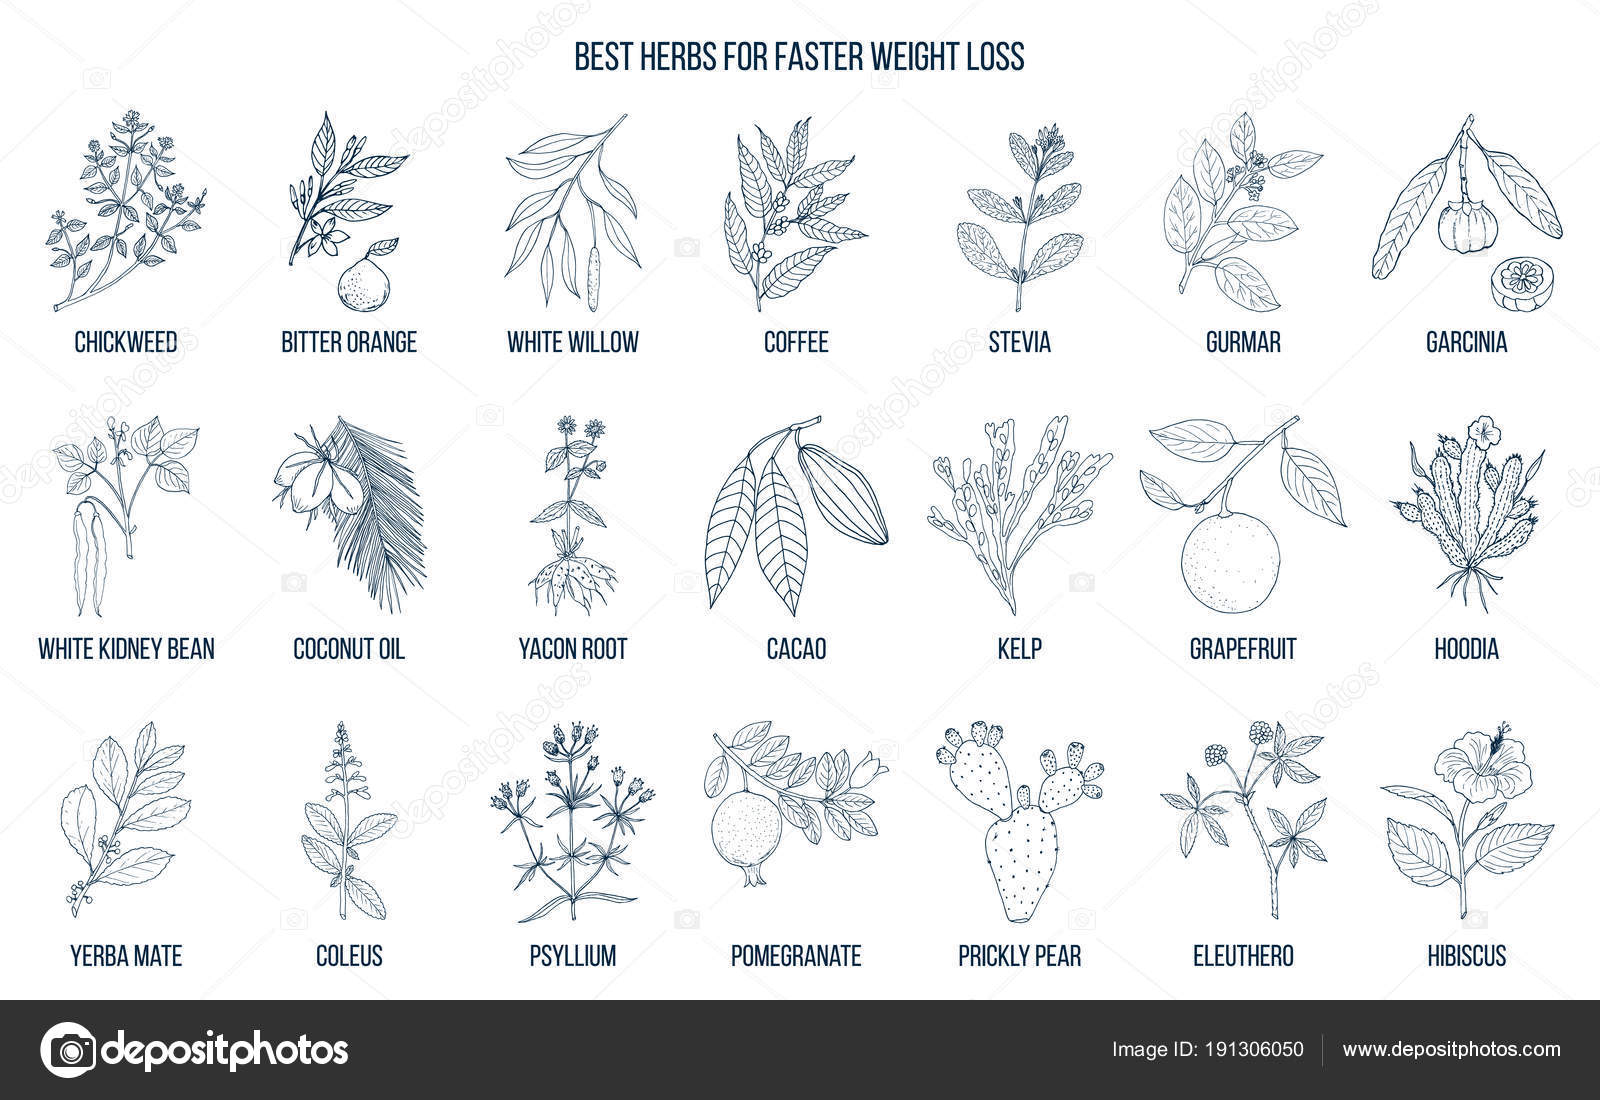 Plantas naturales para bajar de peso